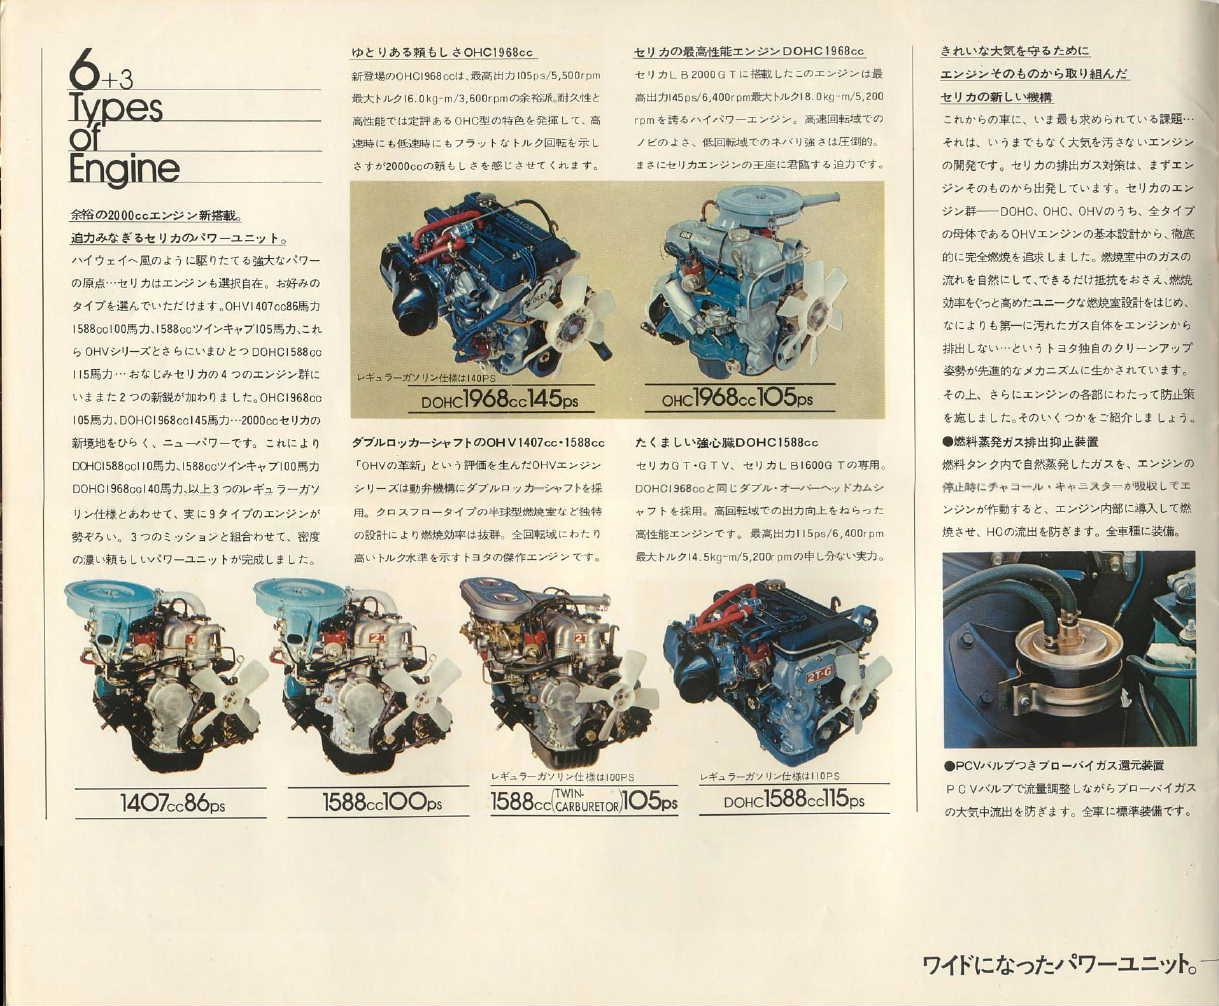 Toyota Celica, pierwsza generacja, kultowy sportowy samochód, stare auto, oldschool, japońska fura, galeria, 2T-G, 18R-G, DOHC